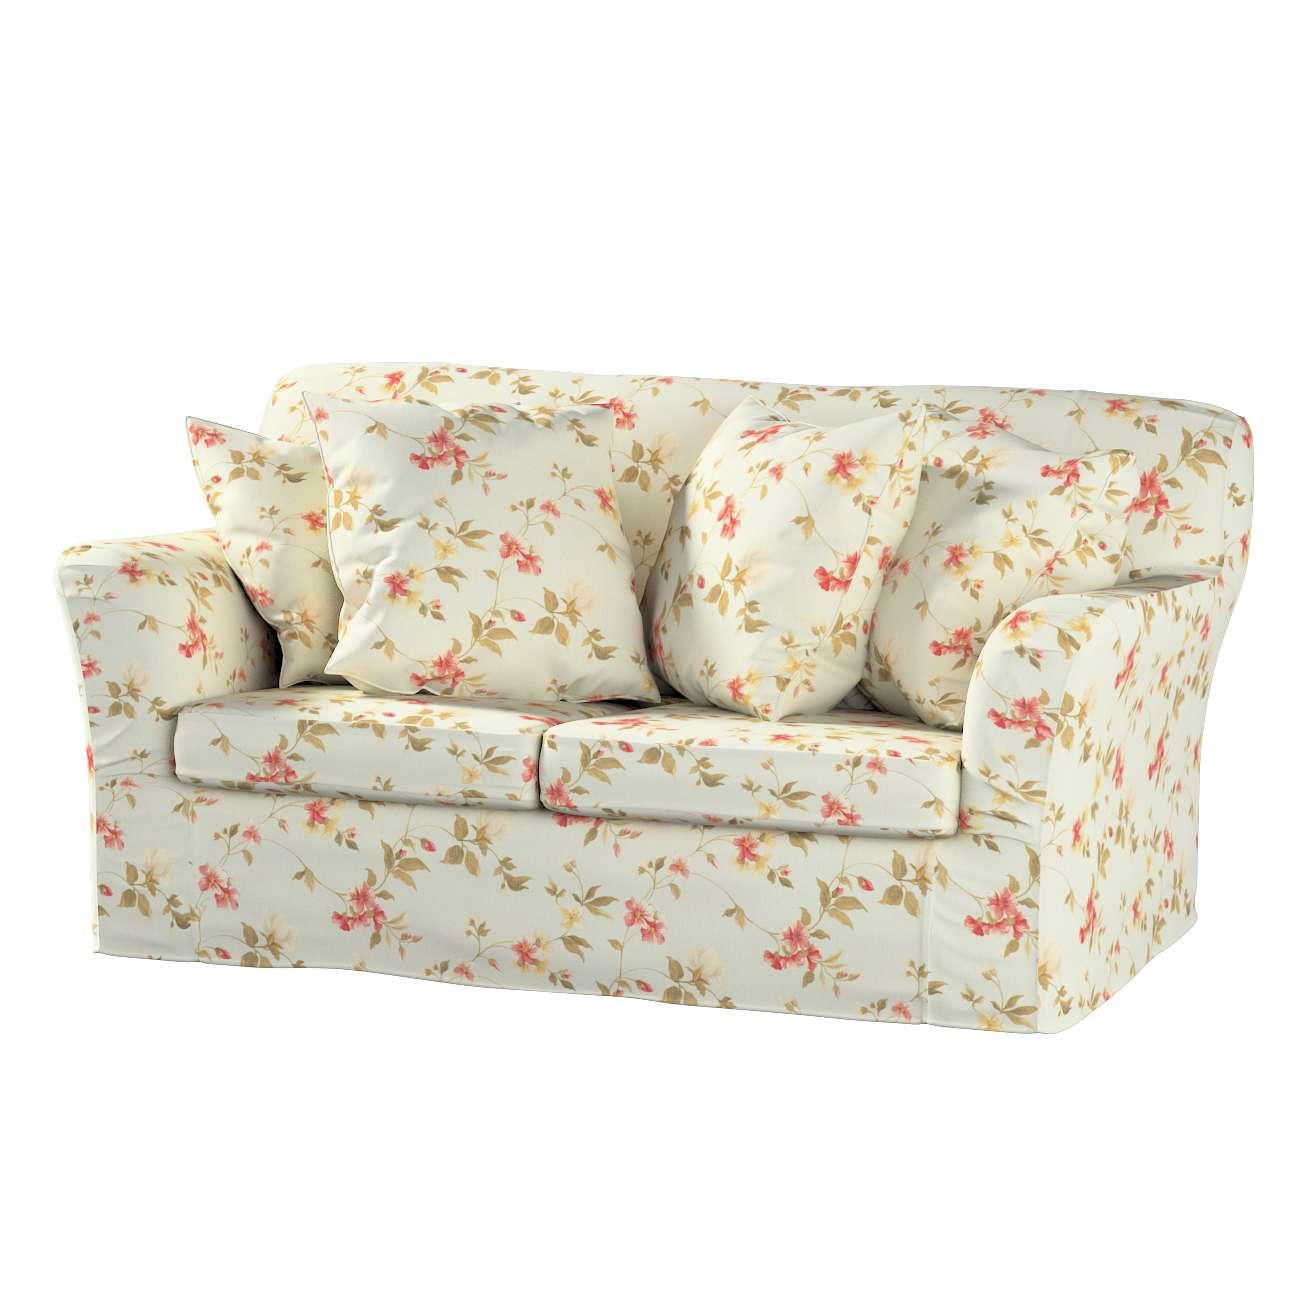 TOMELILLA  dvivietės sofos užvalkalas TOMELILLA dvivietė sofa kolekcijoje Londres, audinys: 124-65